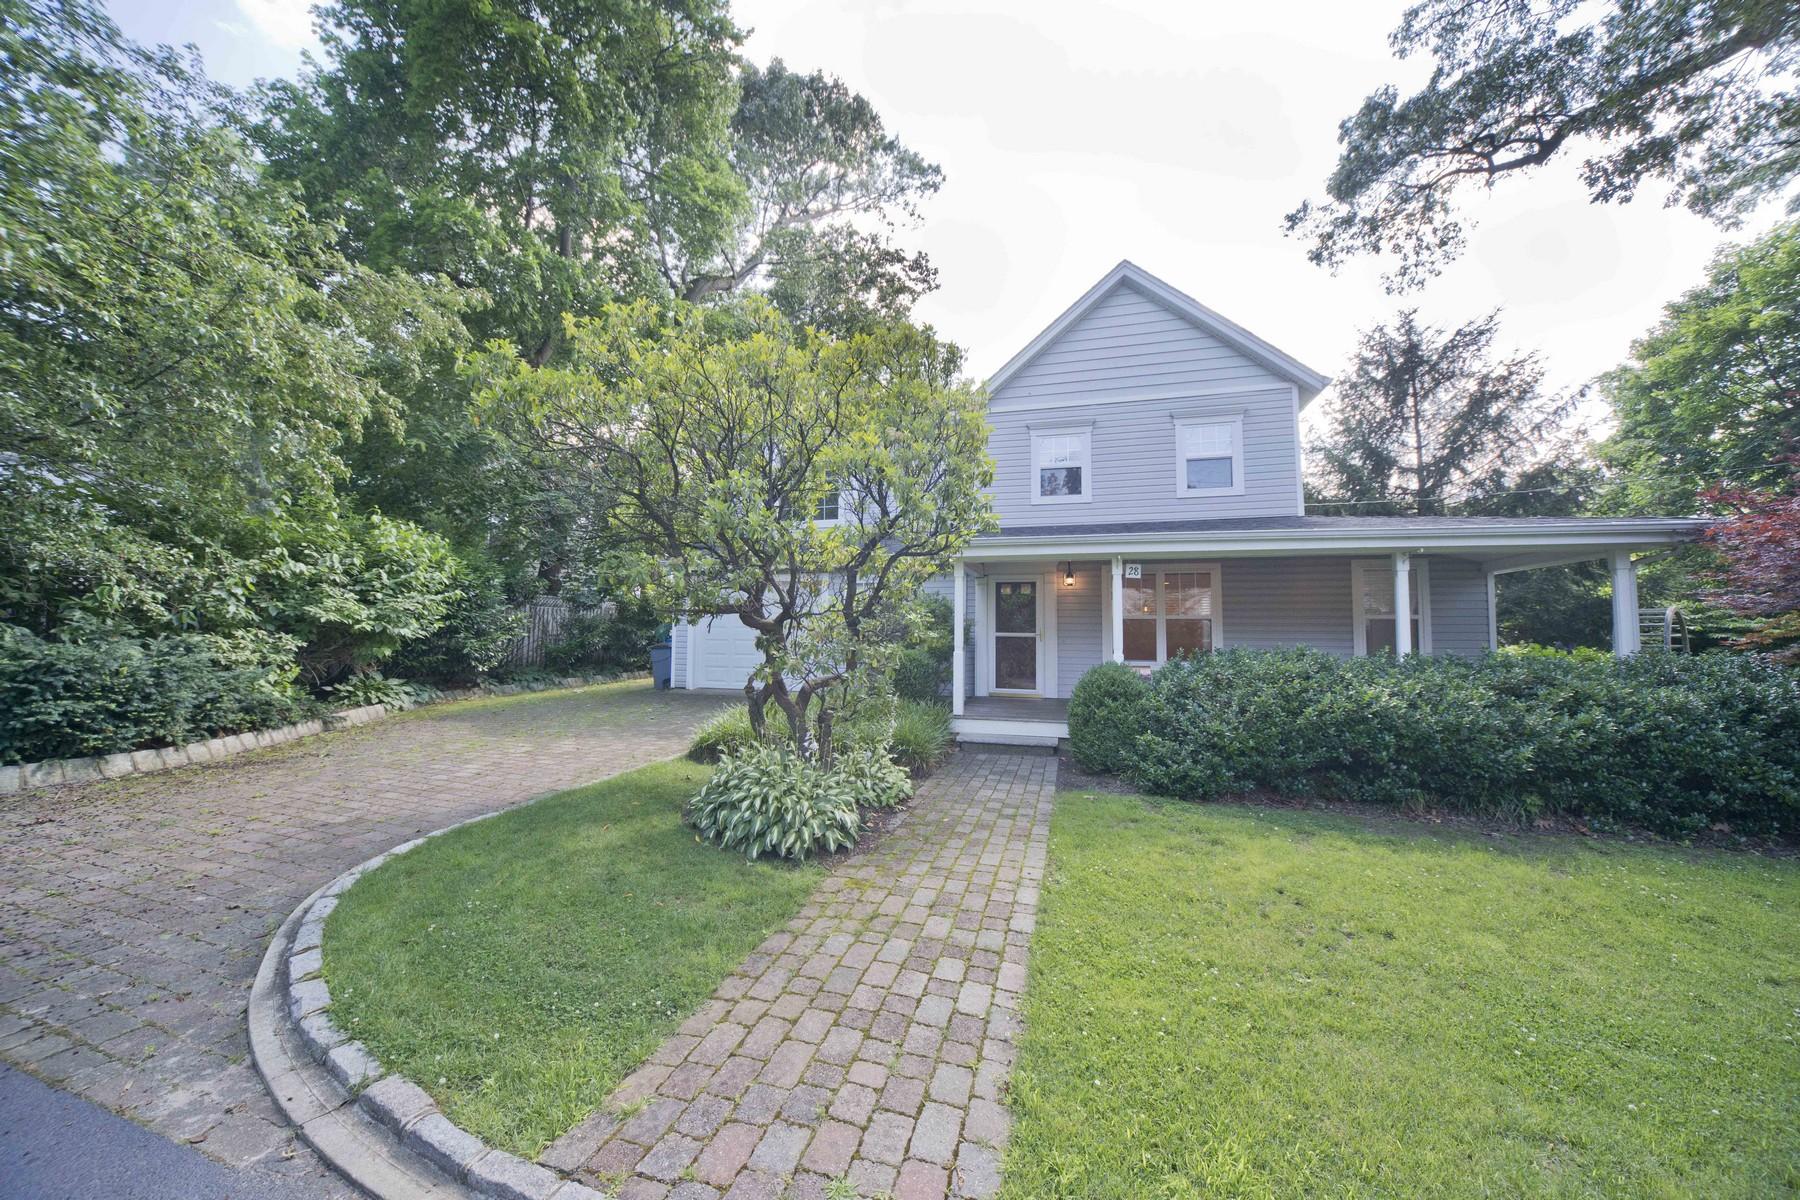 一戸建て のために 売買 アット 28 2nd Street Rumson, ニュージャージー, 07760 アメリカ合衆国